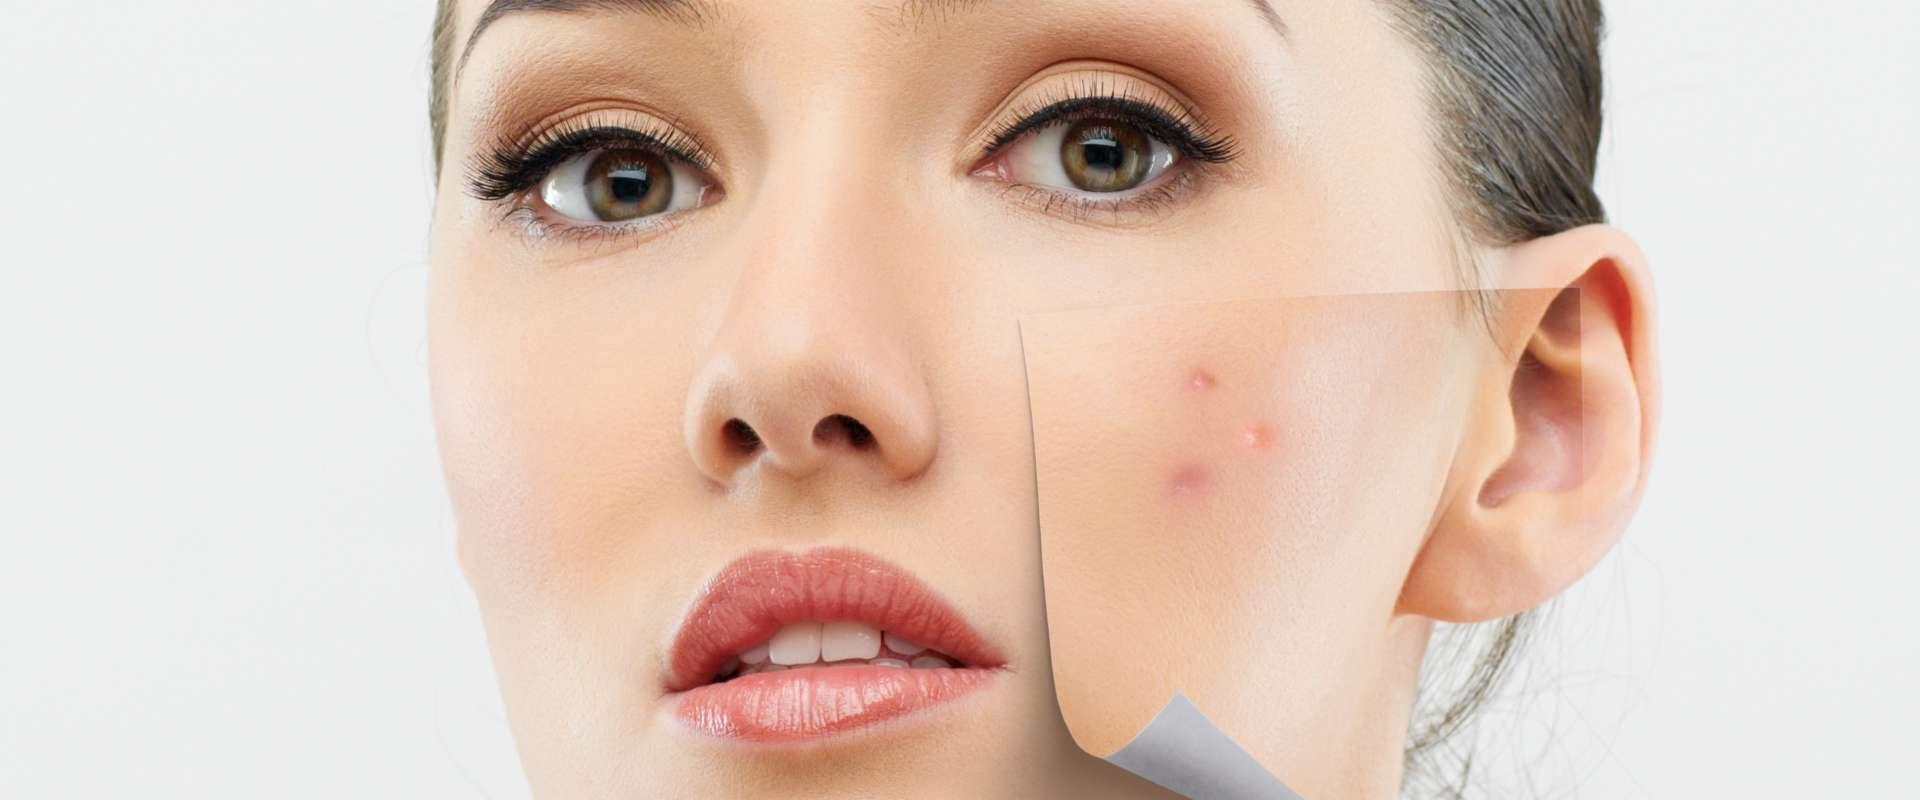 PRIMIJENJUJTE Pokušajte na ove načine ukloniti akne i ožiljke